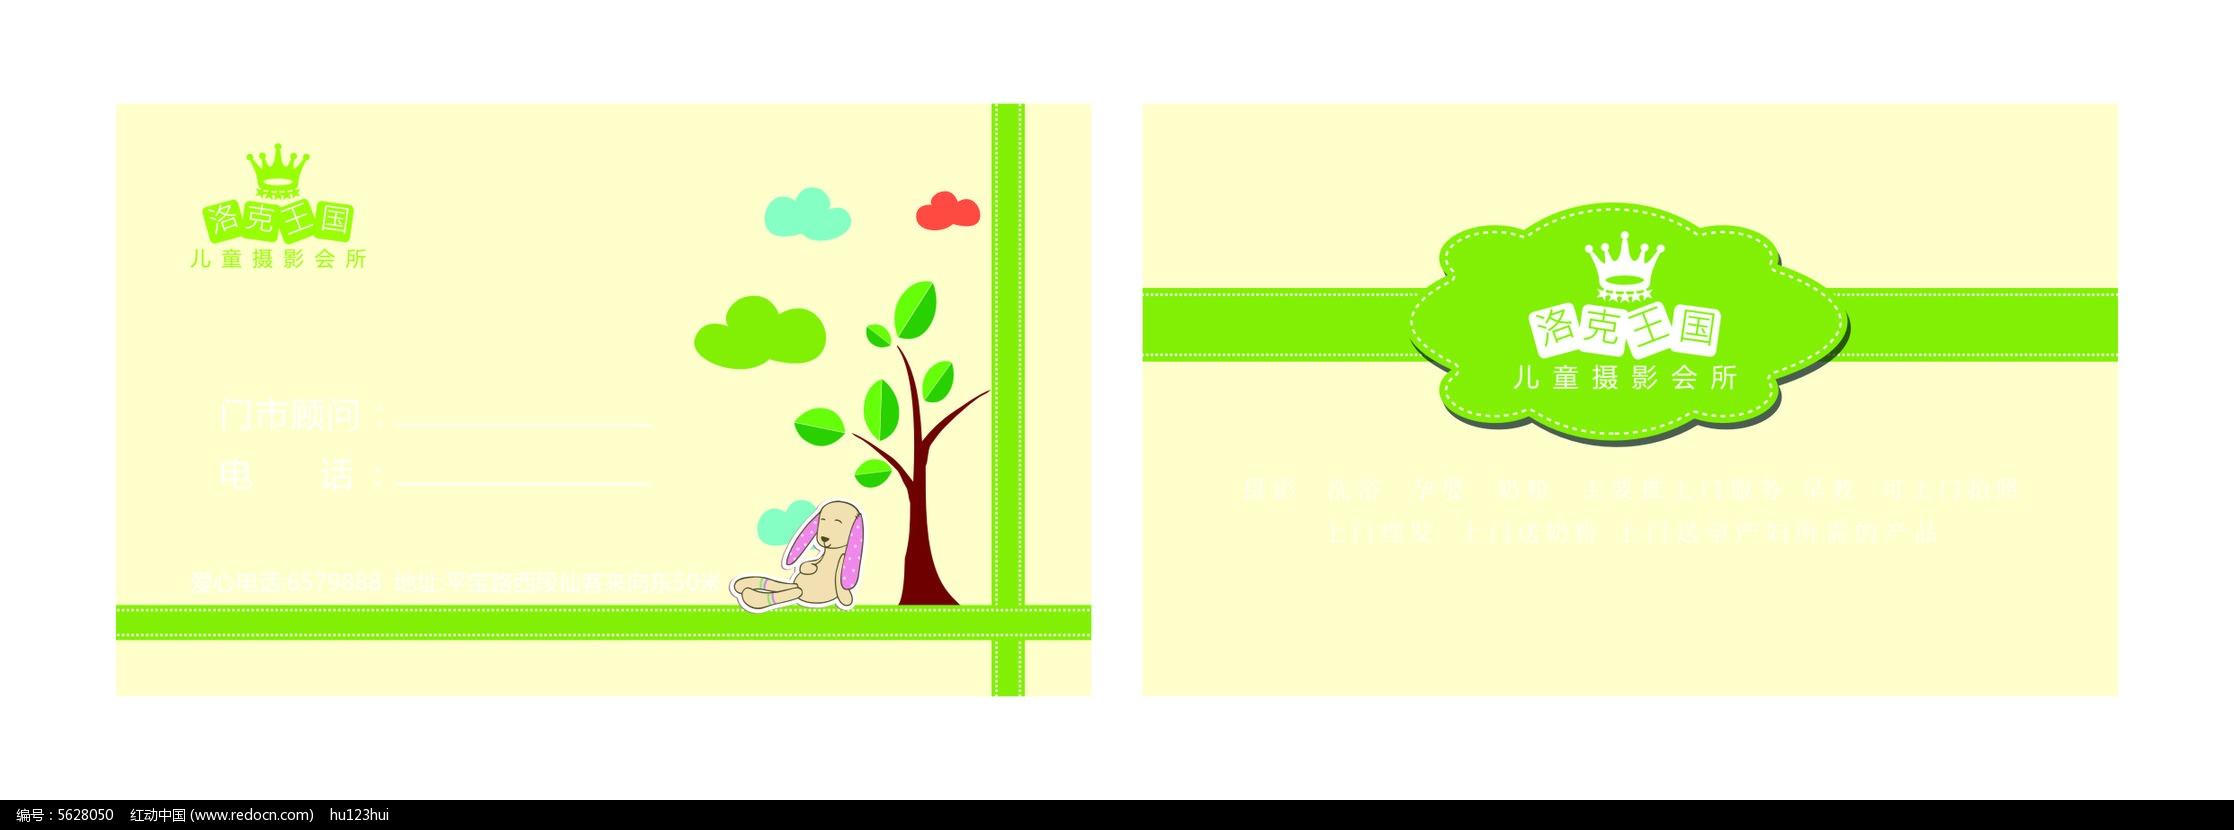 儿童摄影名片设计cdr素材下载_商业服务名片设计模板